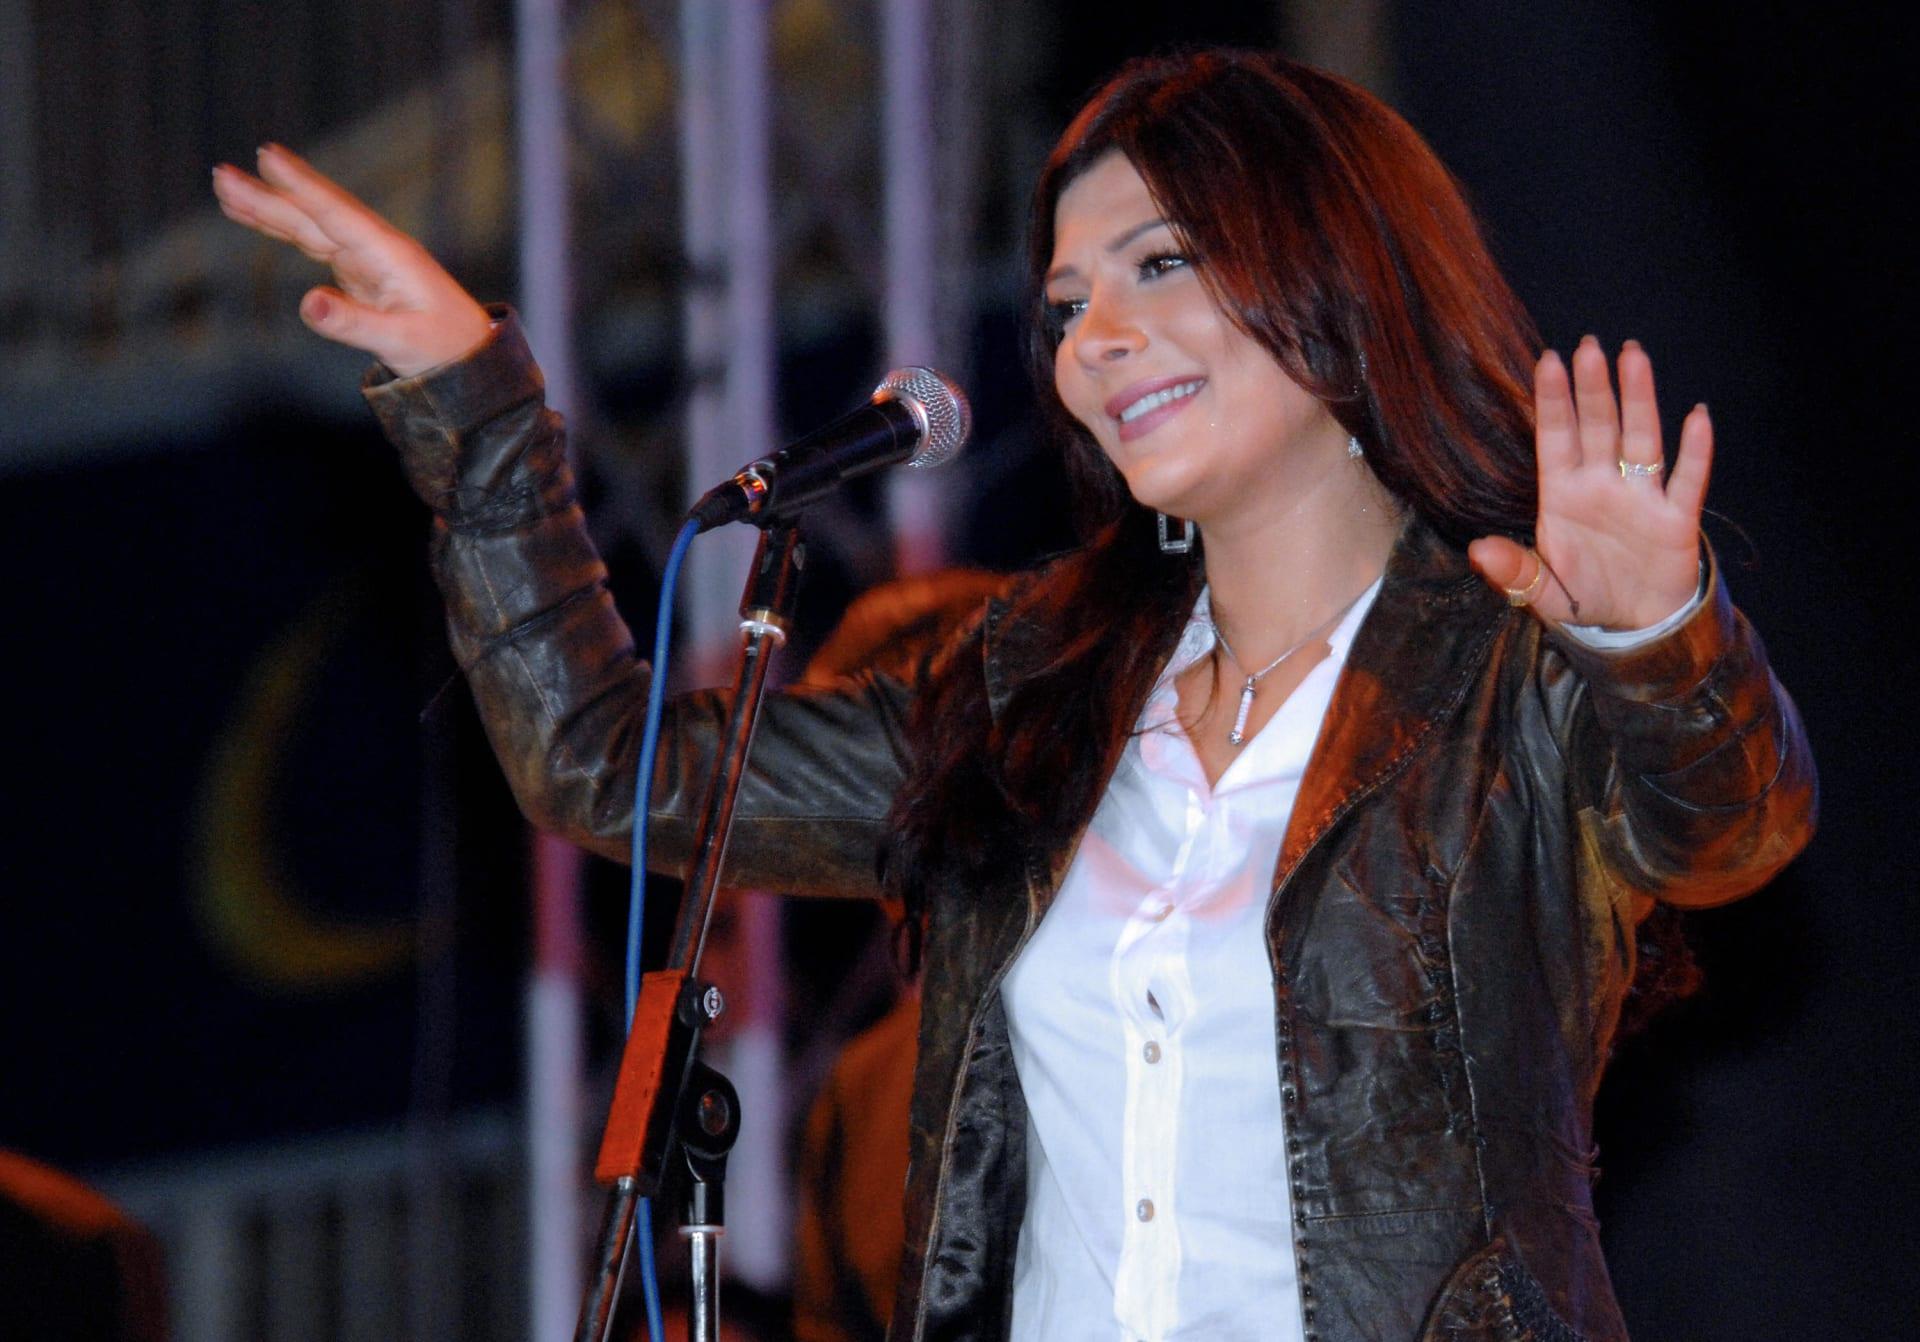 الفنانة السورية أصالة نصري في حفل بعدن في اليمن يوم 14 فبراير / شباط 2008